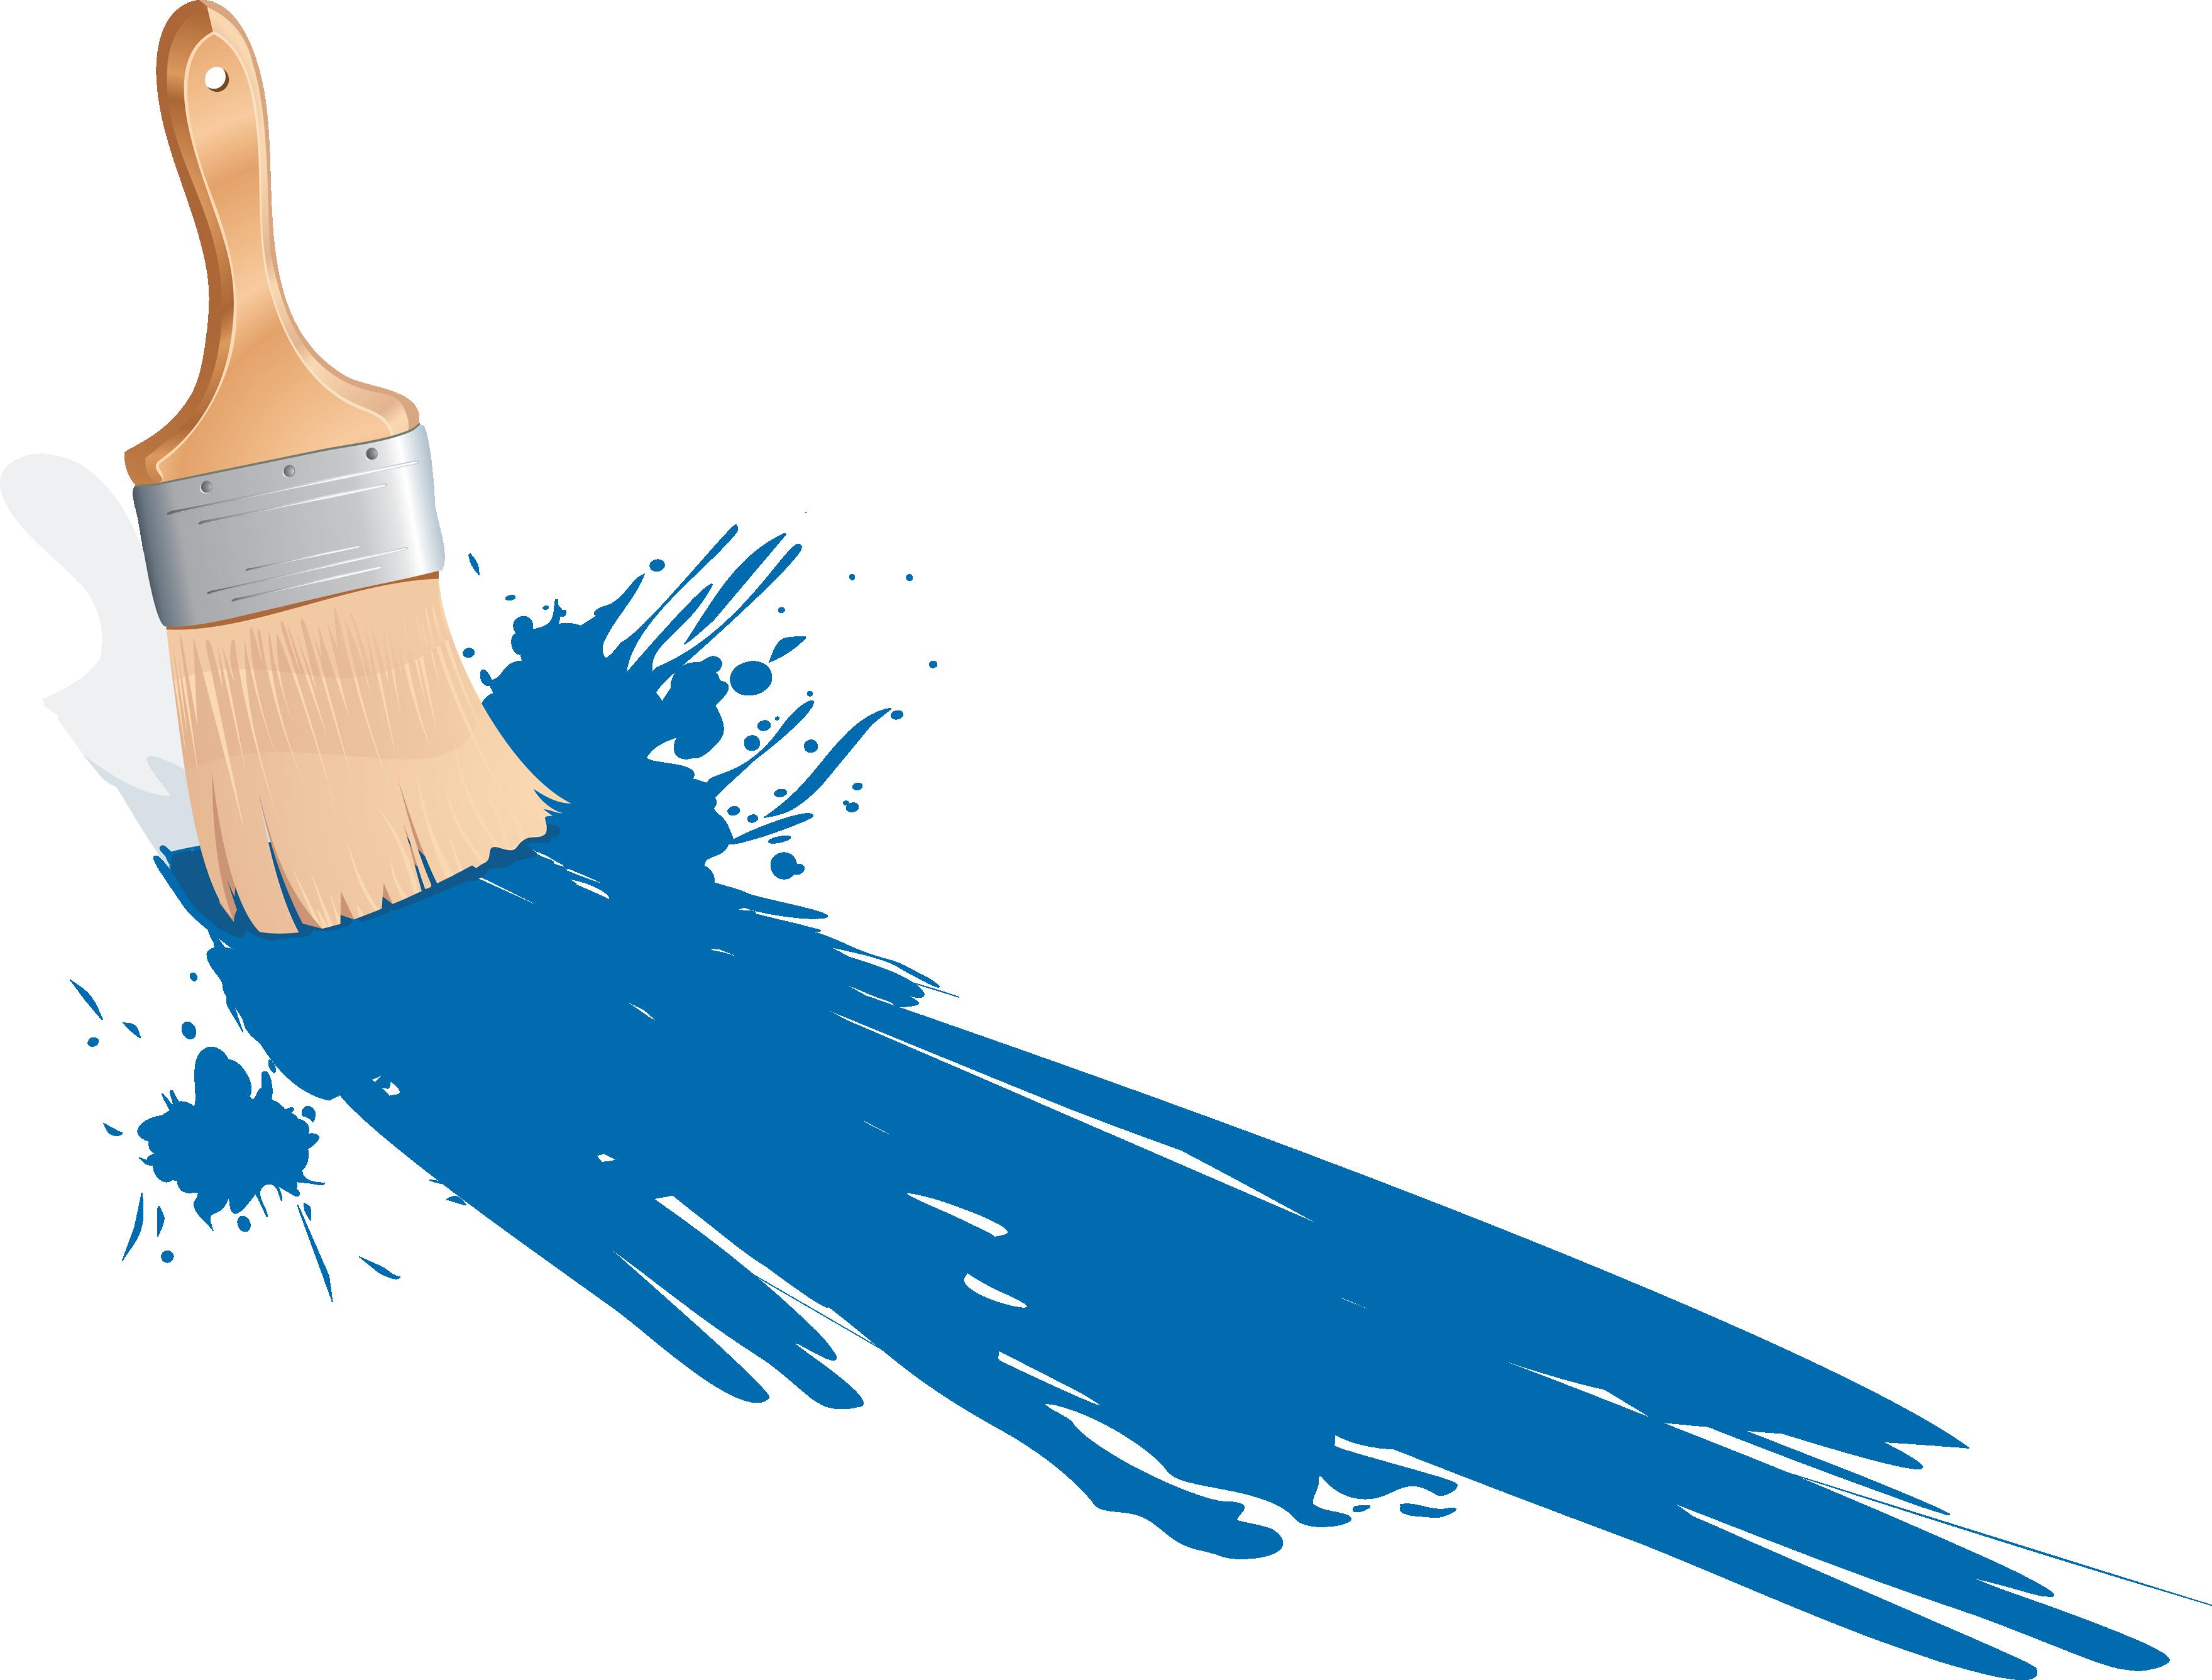 Paintbrush clipart blue. Paint brush png transparent